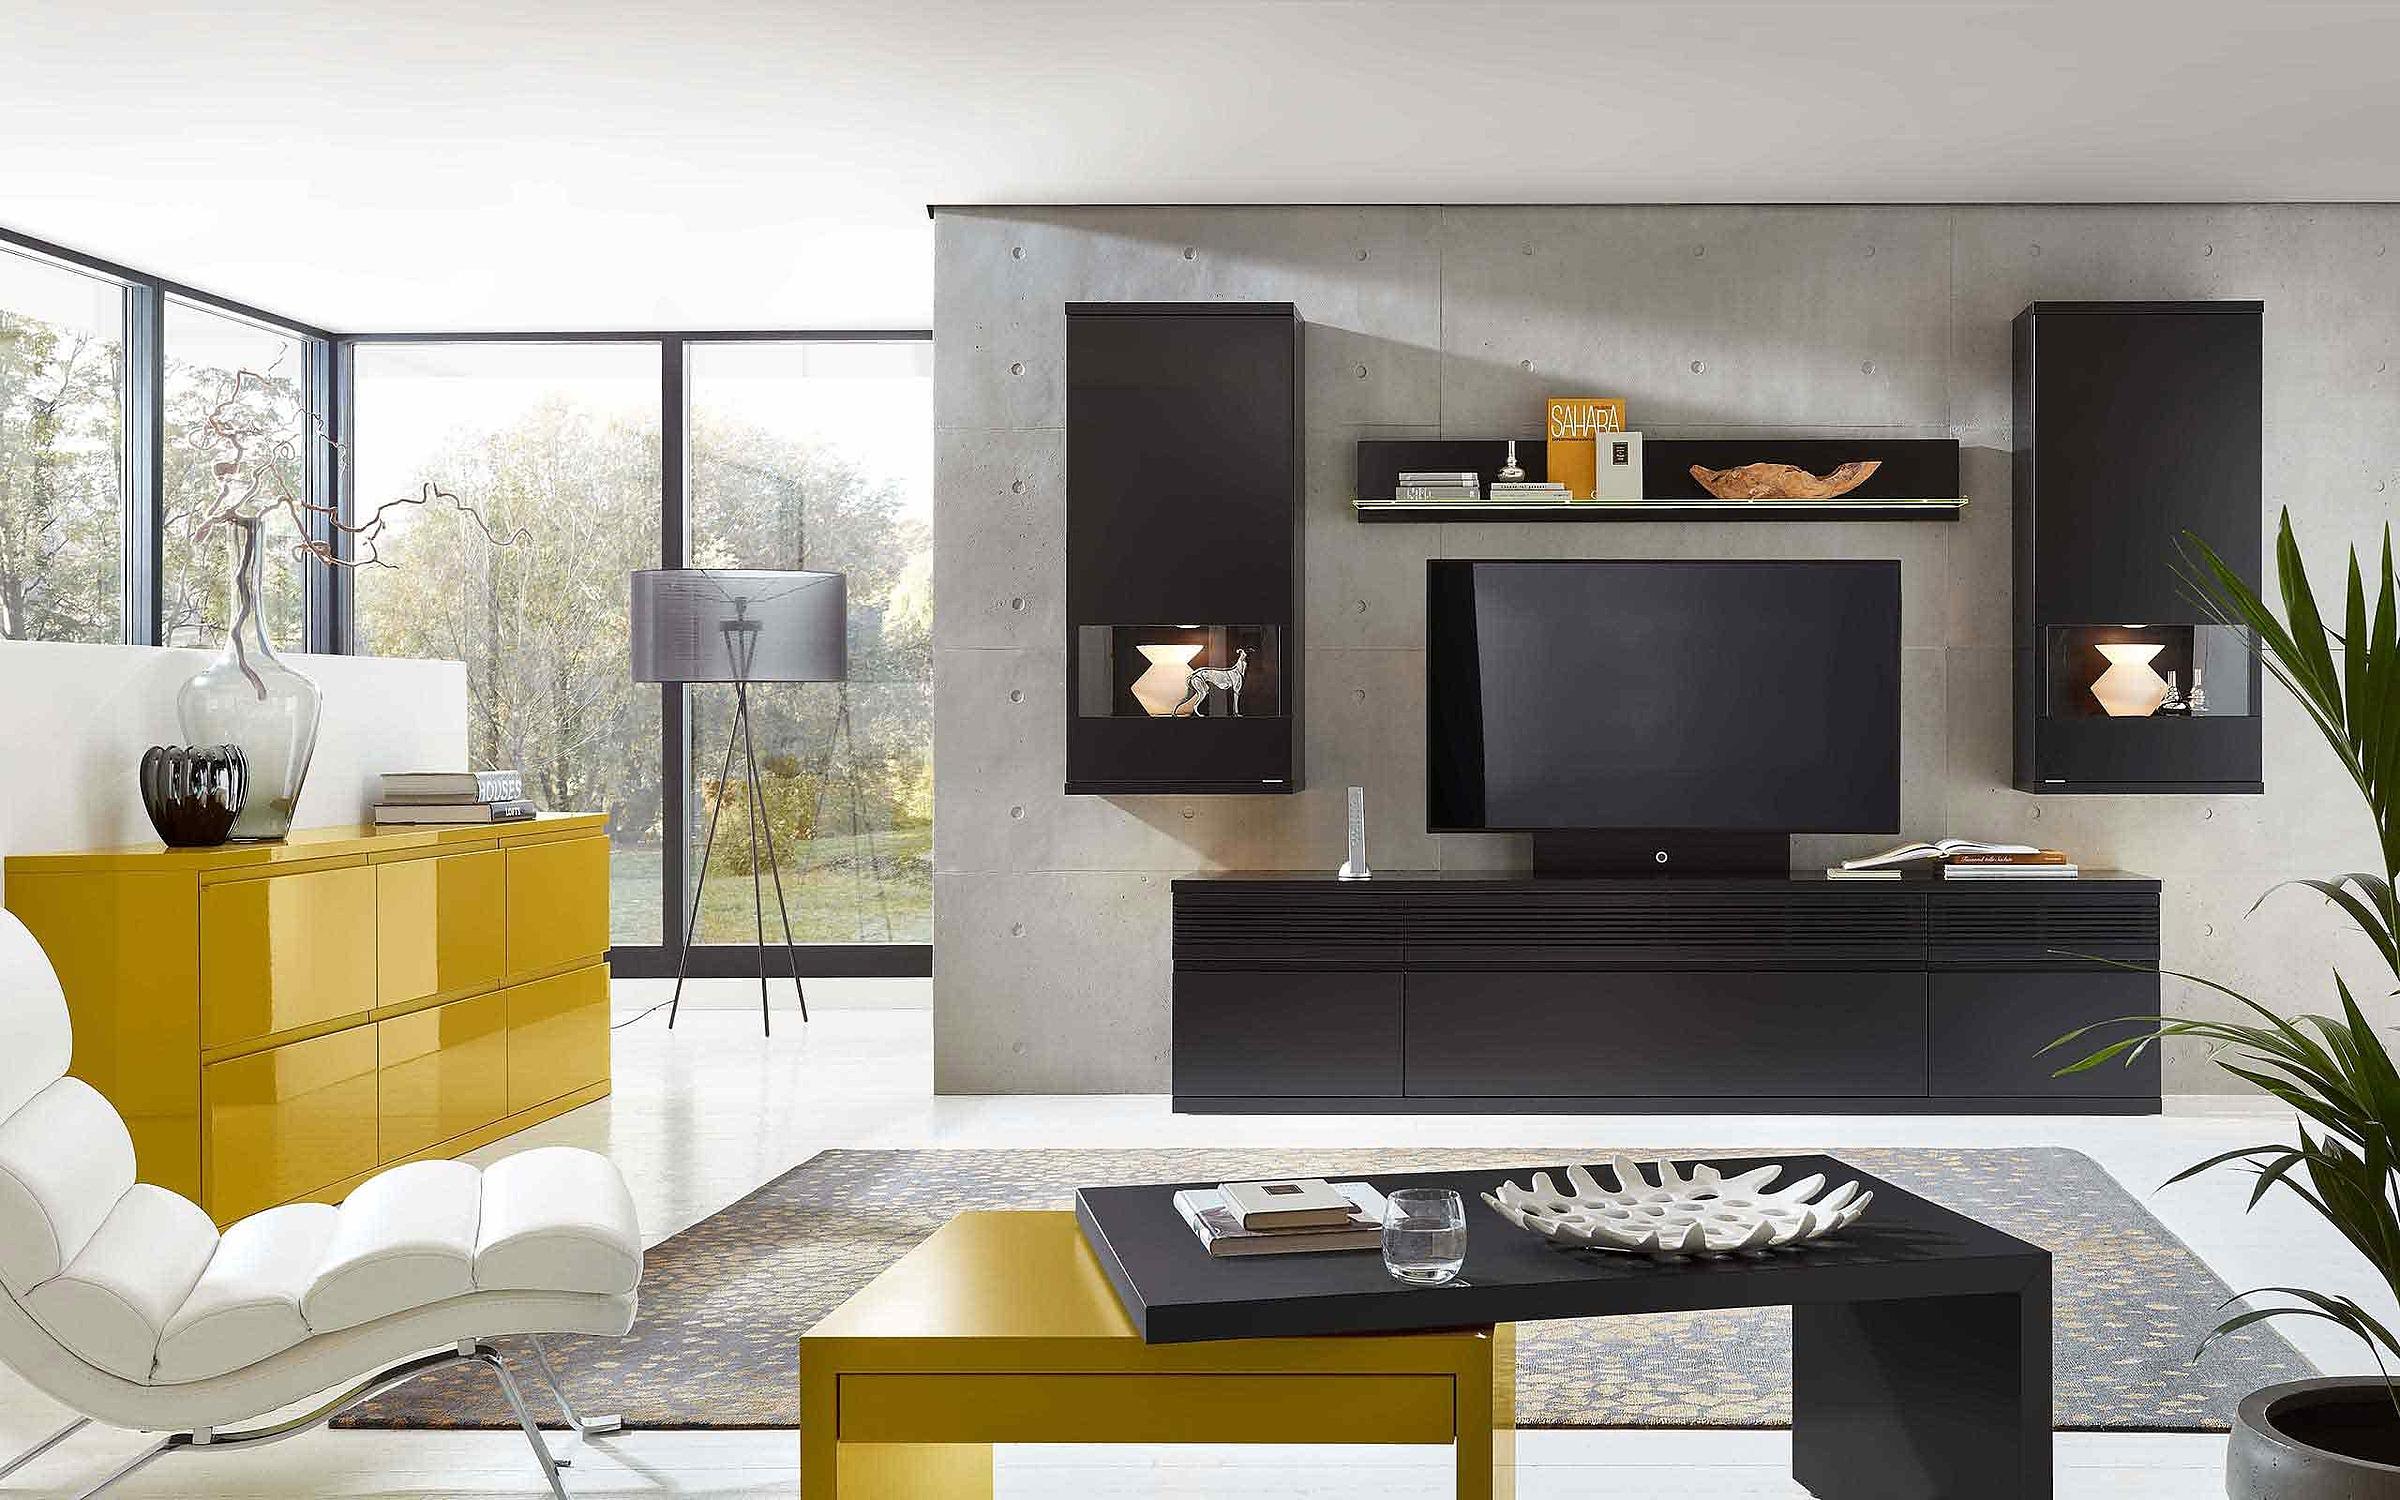 Wohnwand Kommode Wohnzimmer Enjoy gelb